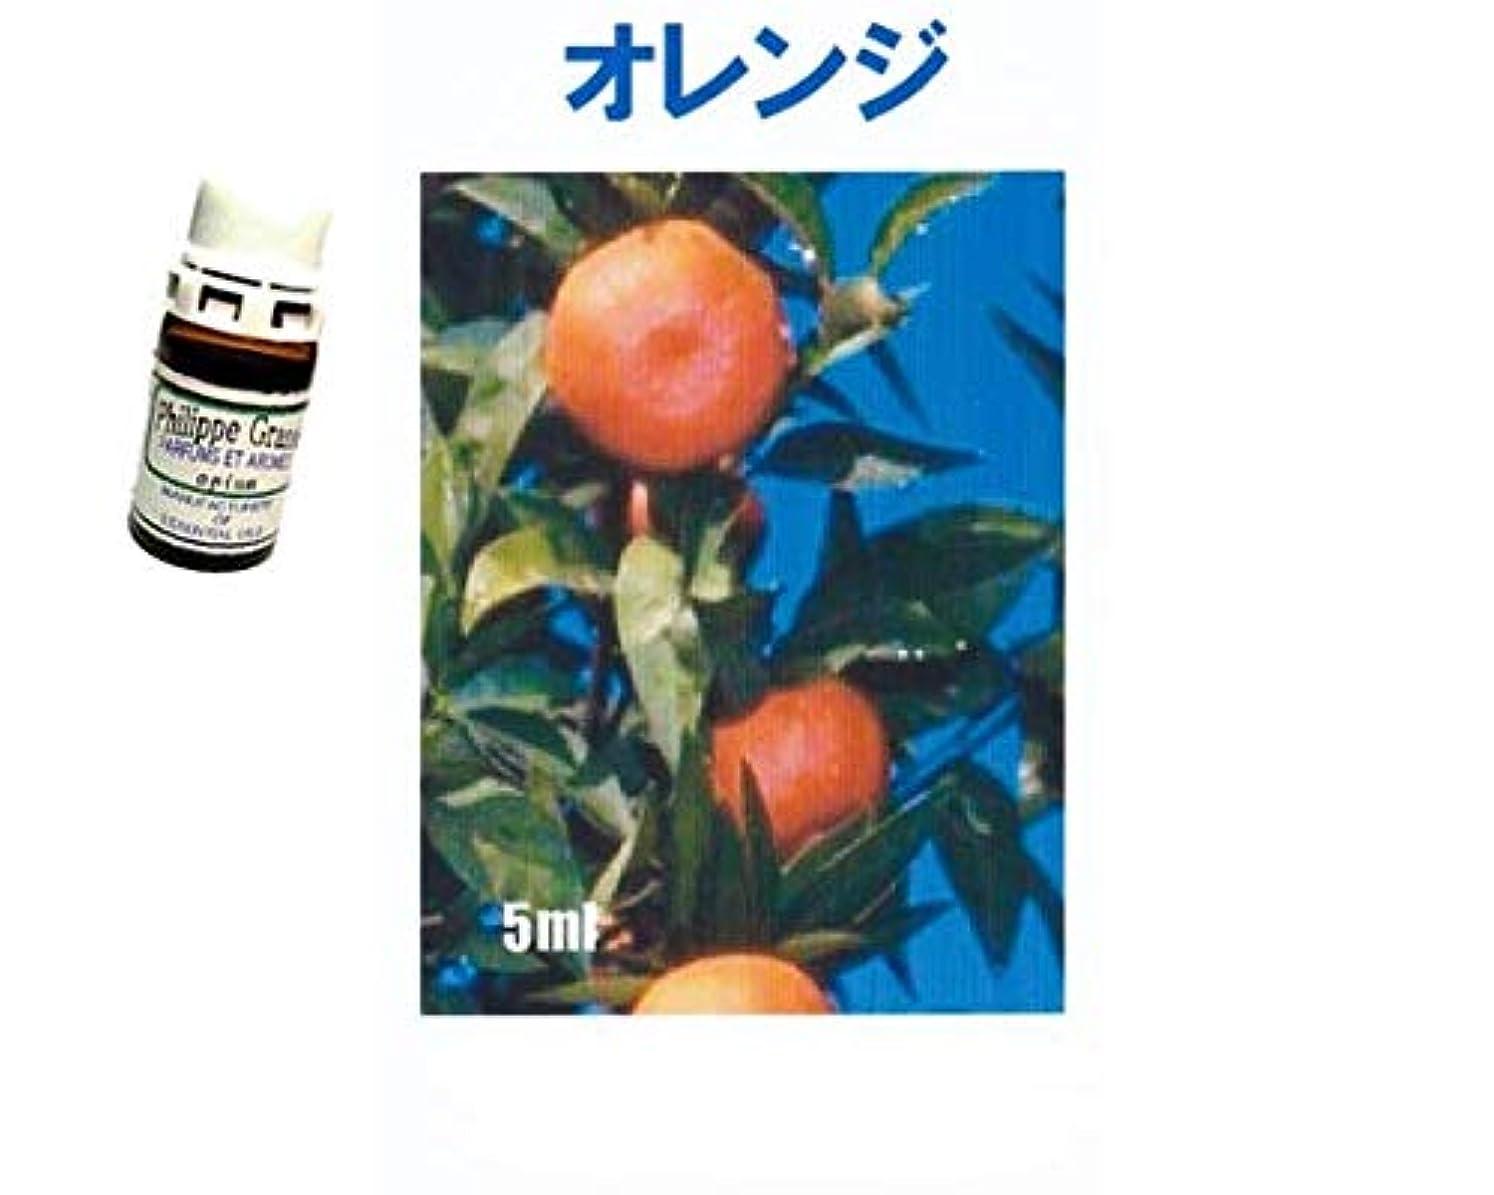 受け入れる翻訳エリートアロマオイル オレンジ 5ml エッセンシャルオイル 100%天然成分